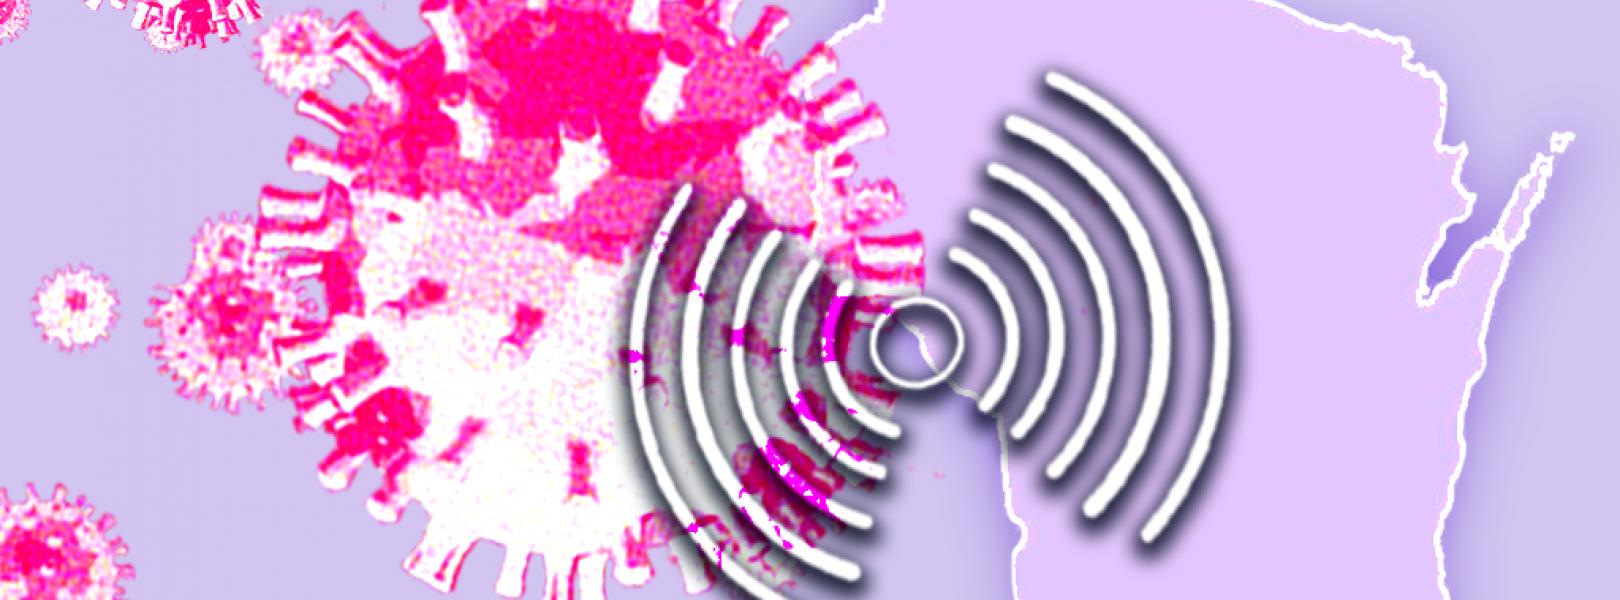 Wisconsin talk radio hosts coronavirus